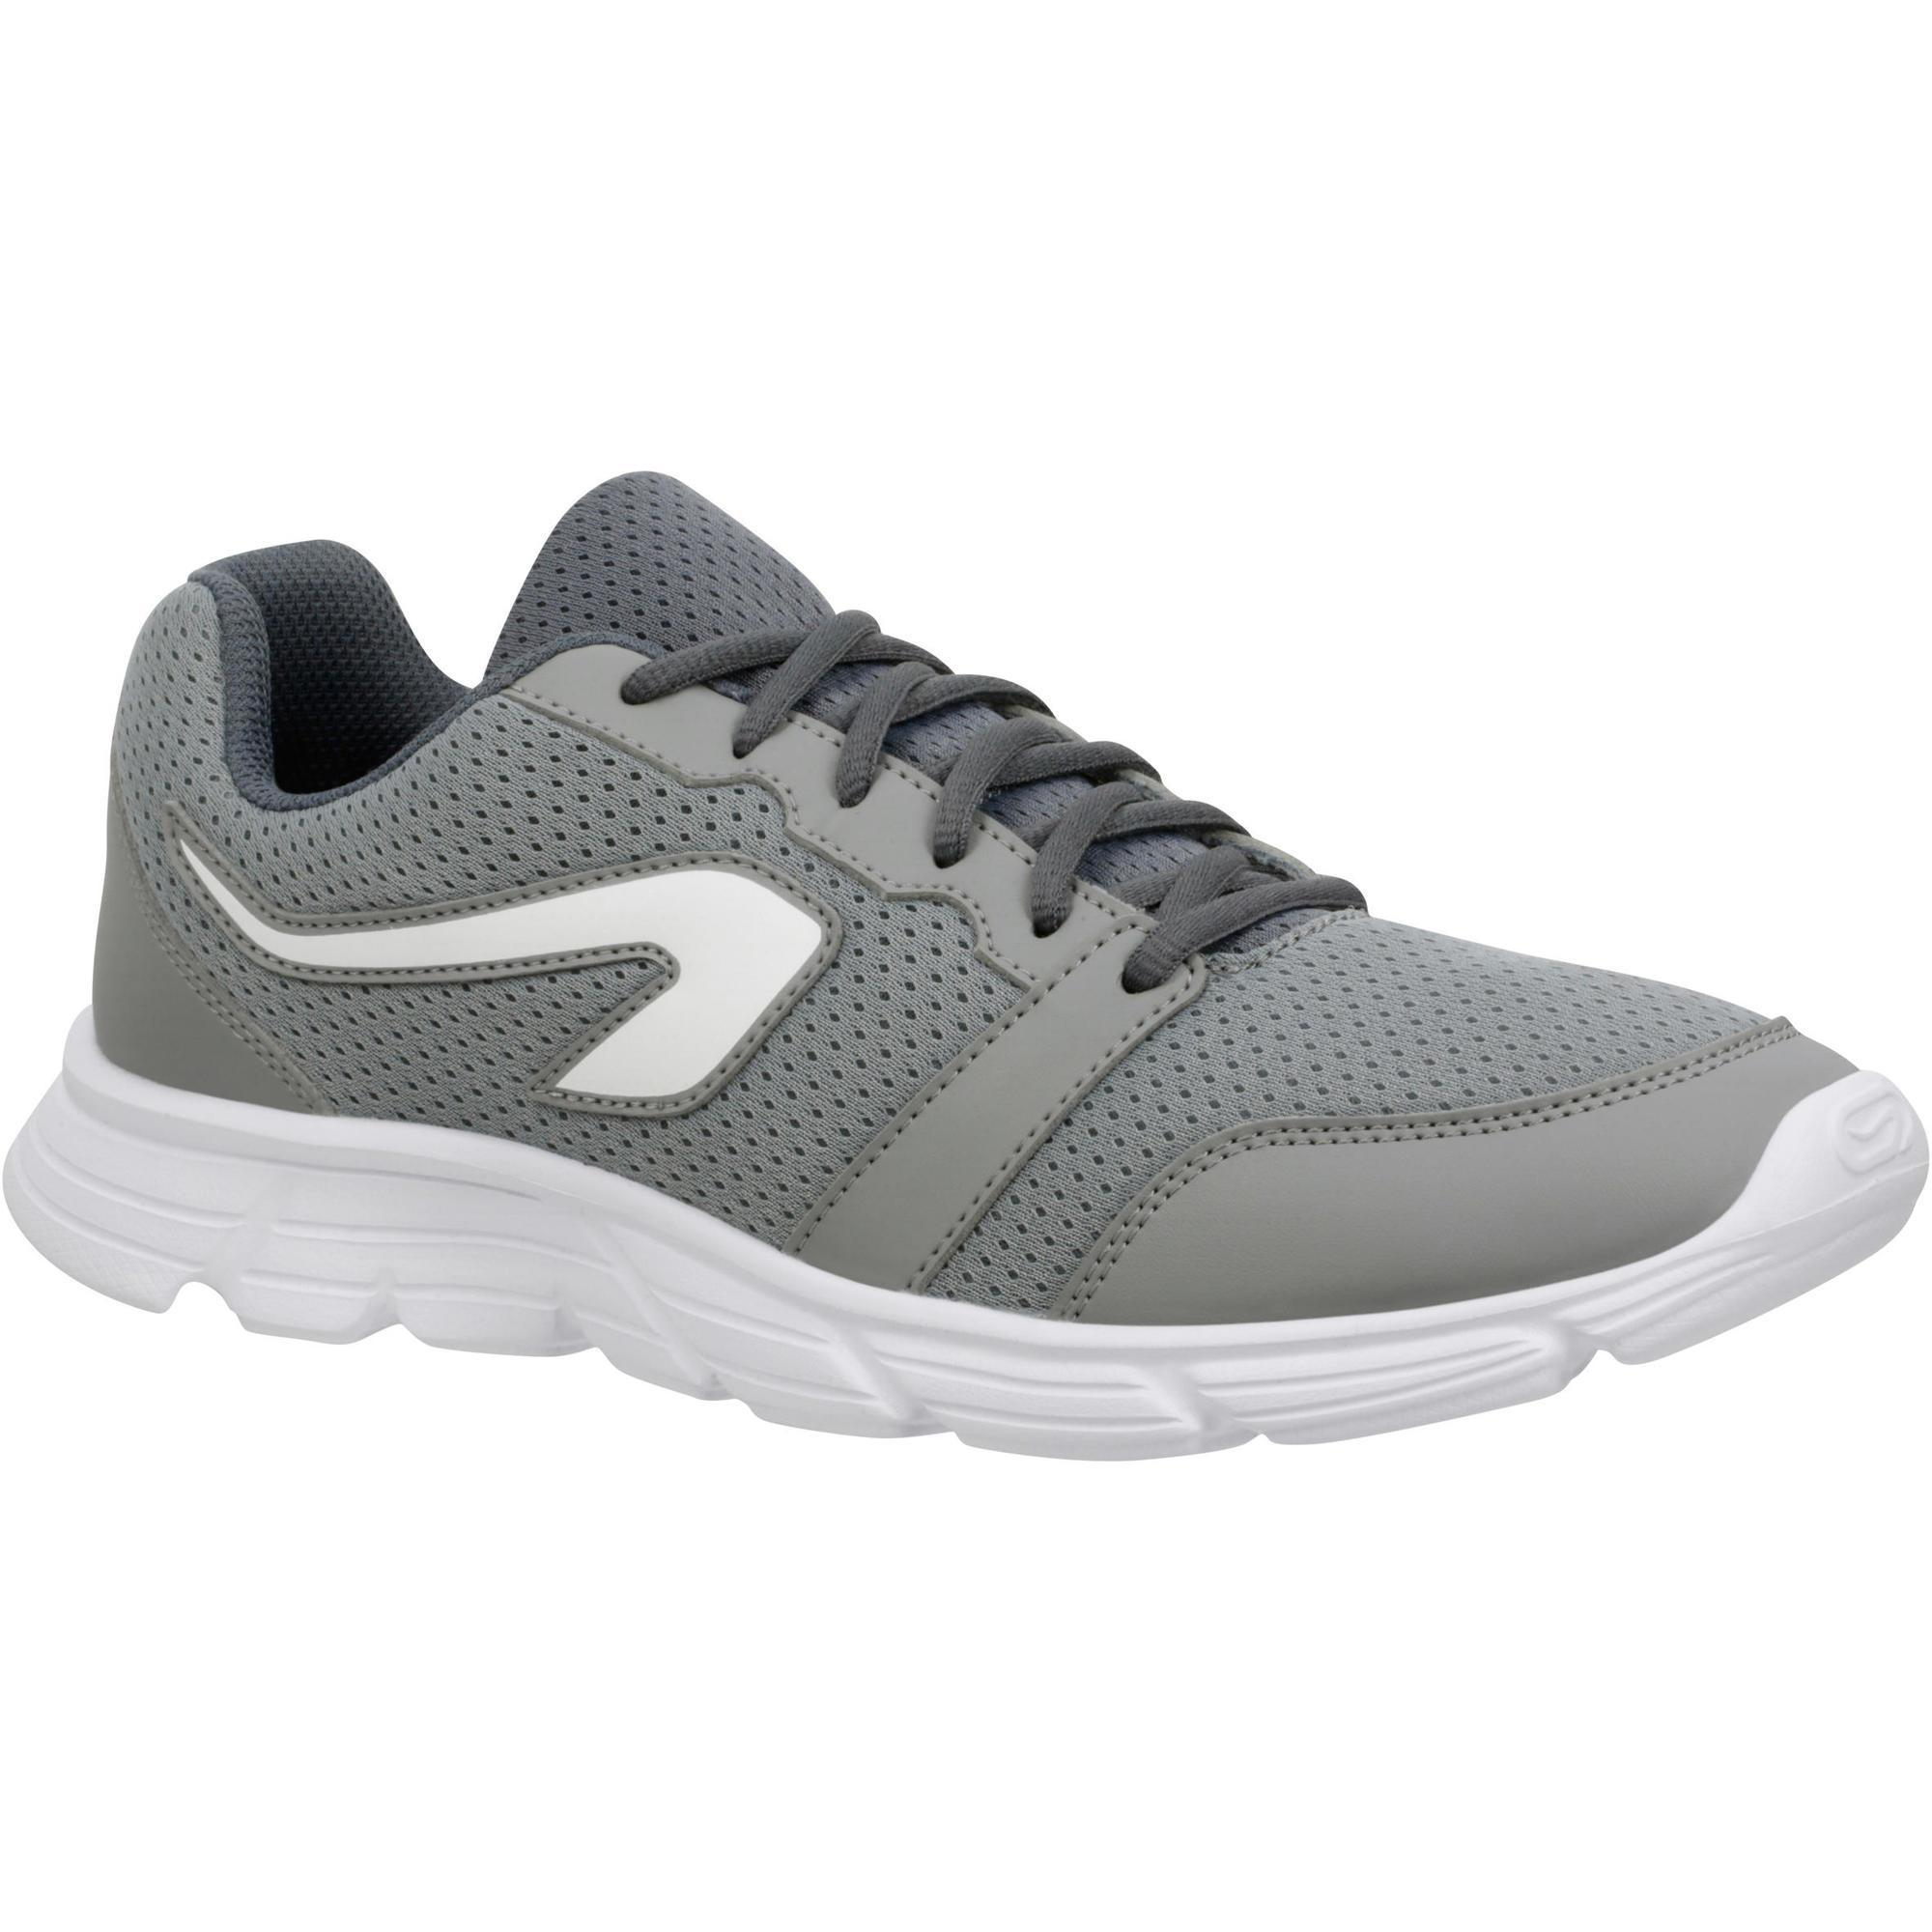 Laufschuhe Männer Run One | Schuhe > Sportschuhe > Laufschuhe | Kalenji